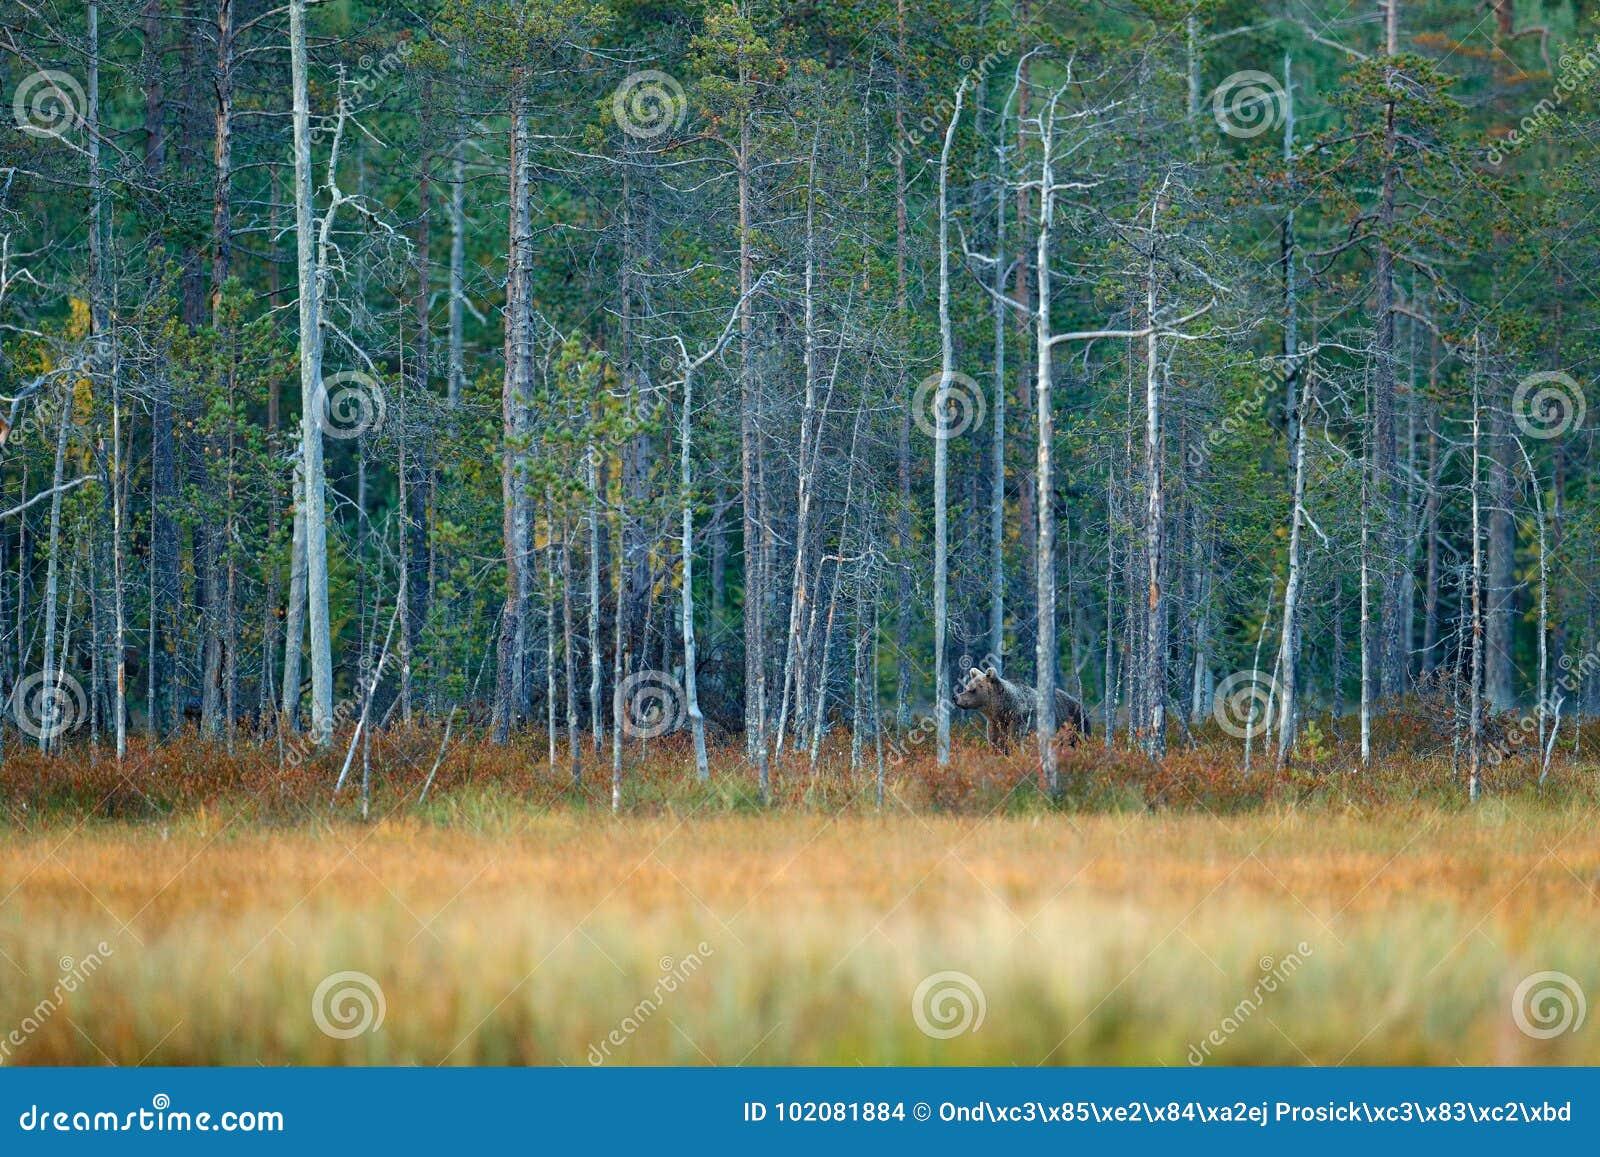 Znosi chowanego w żółtej sosny i brzozy jesieni lasowym drewnie z niedźwiedziem Piękny brown niedźwiedź chodzi wokoło jeziora z j